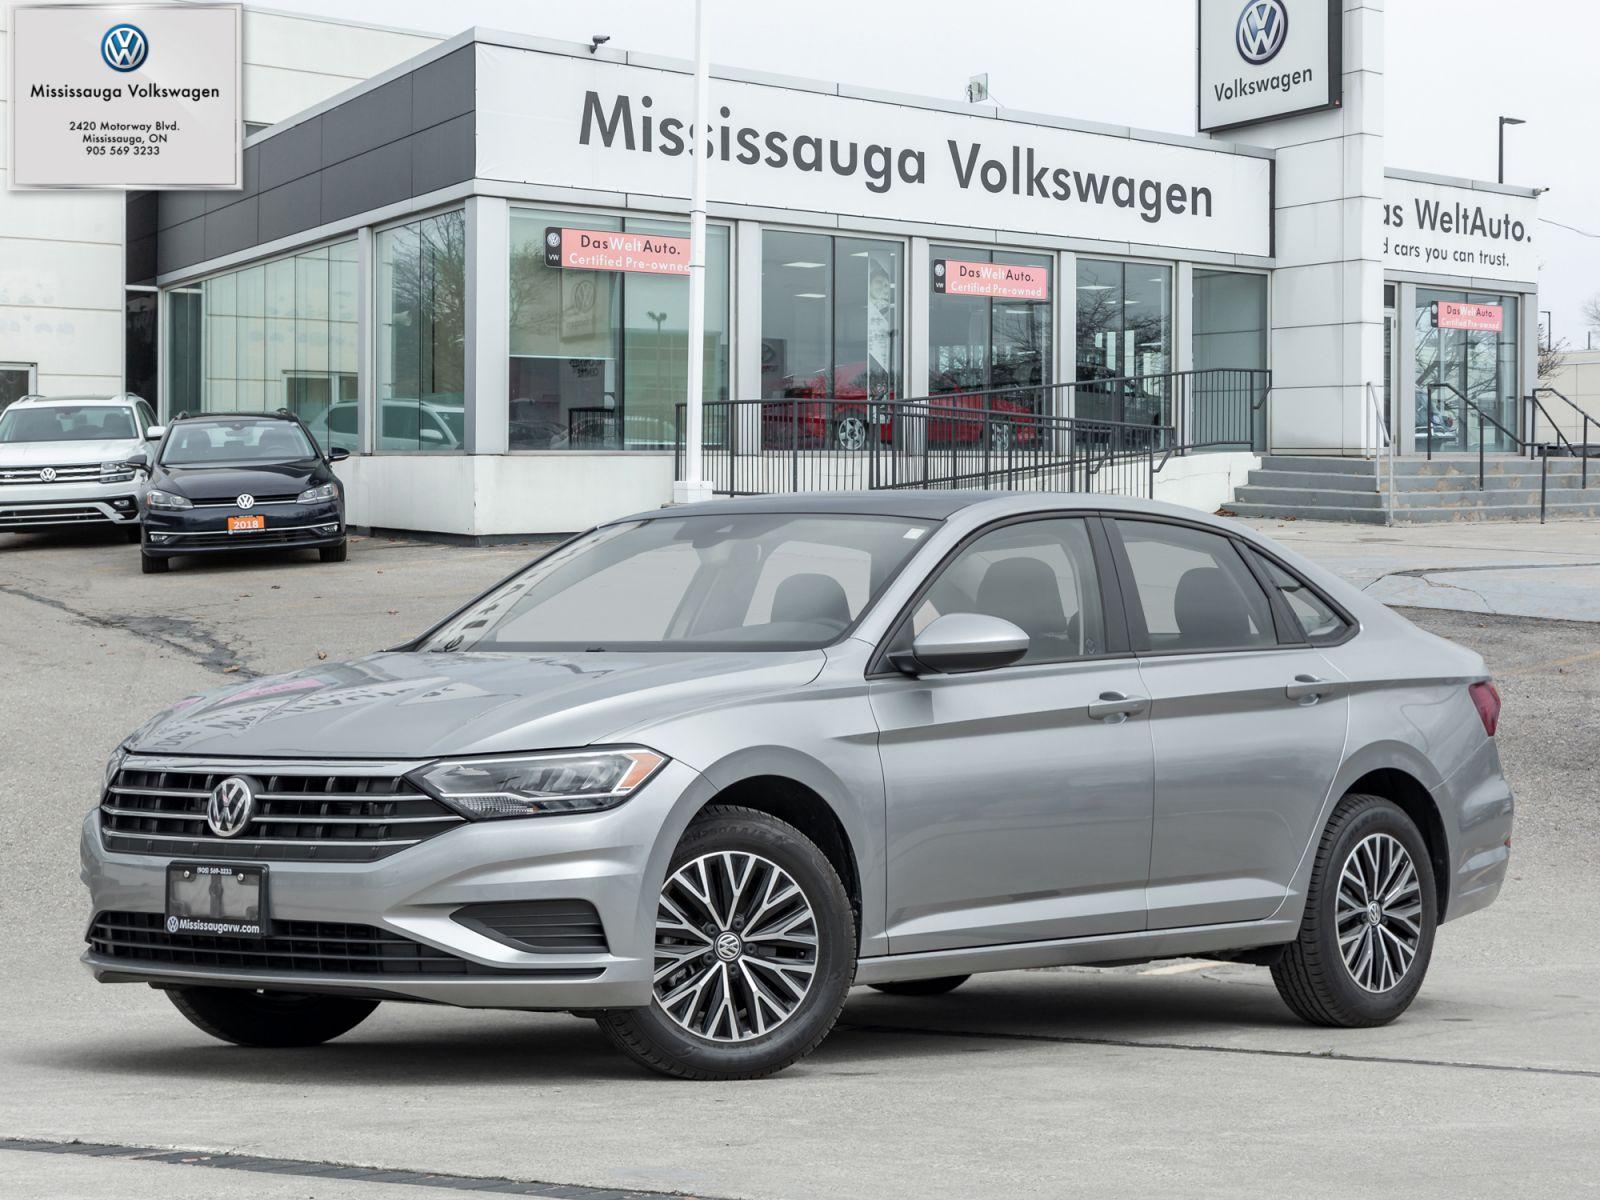 2020 Volkswagen Jetta Image